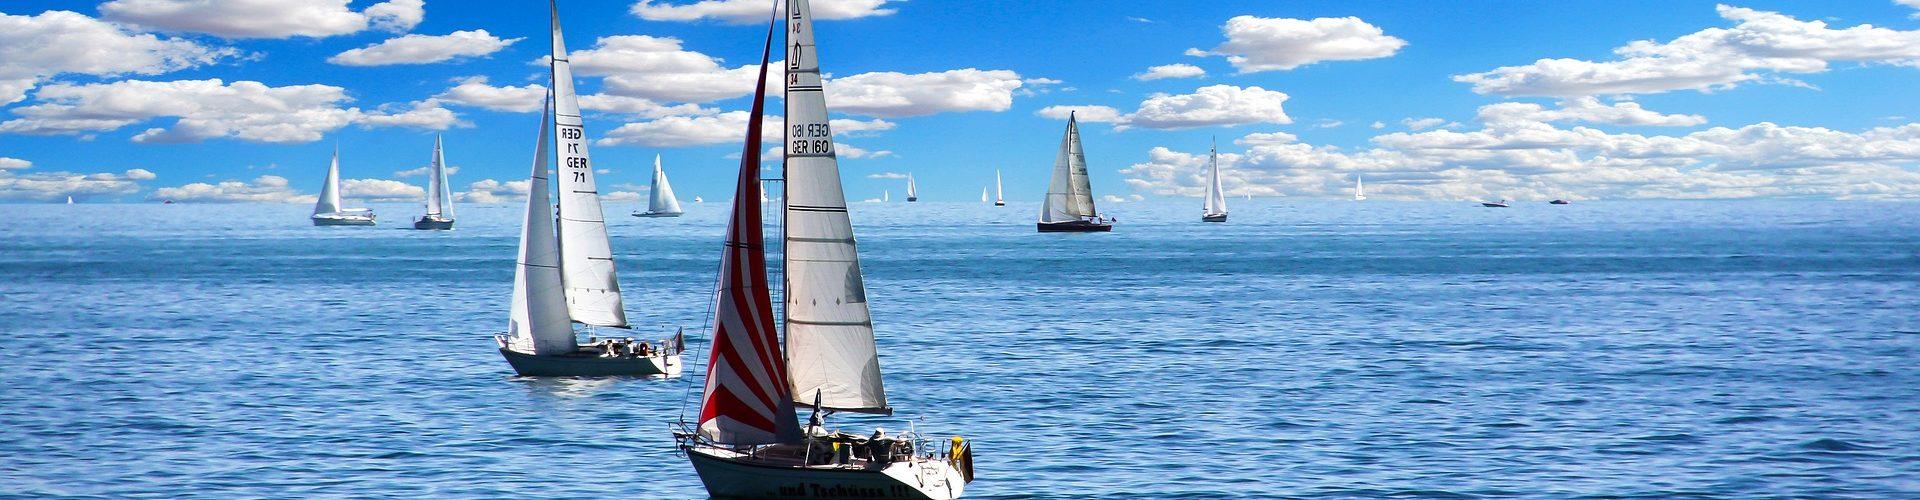 segeln lernen in Fehrbellin Wustrau Altfriesack segelschein machen in Fehrbellin Wustrau Altfriesack 1920x500 - Segeln lernen in Fehrbellin Wustrau-Altfriesack